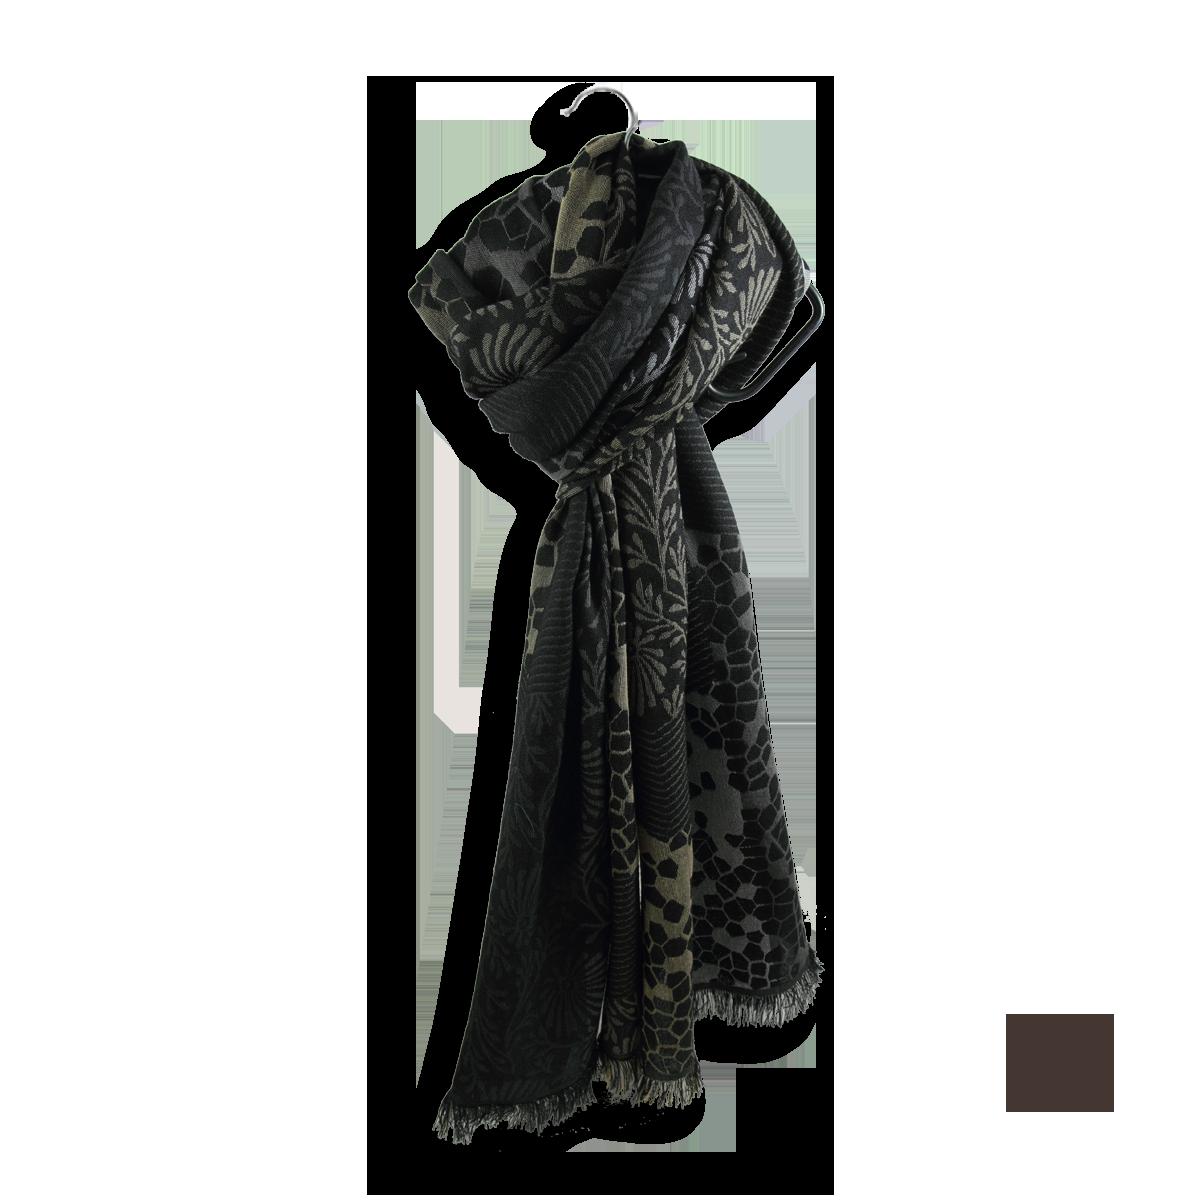 fdd6ae6dc37d Echarpe Femme Noire et grise en Laine Coton Soie - Très confortable.